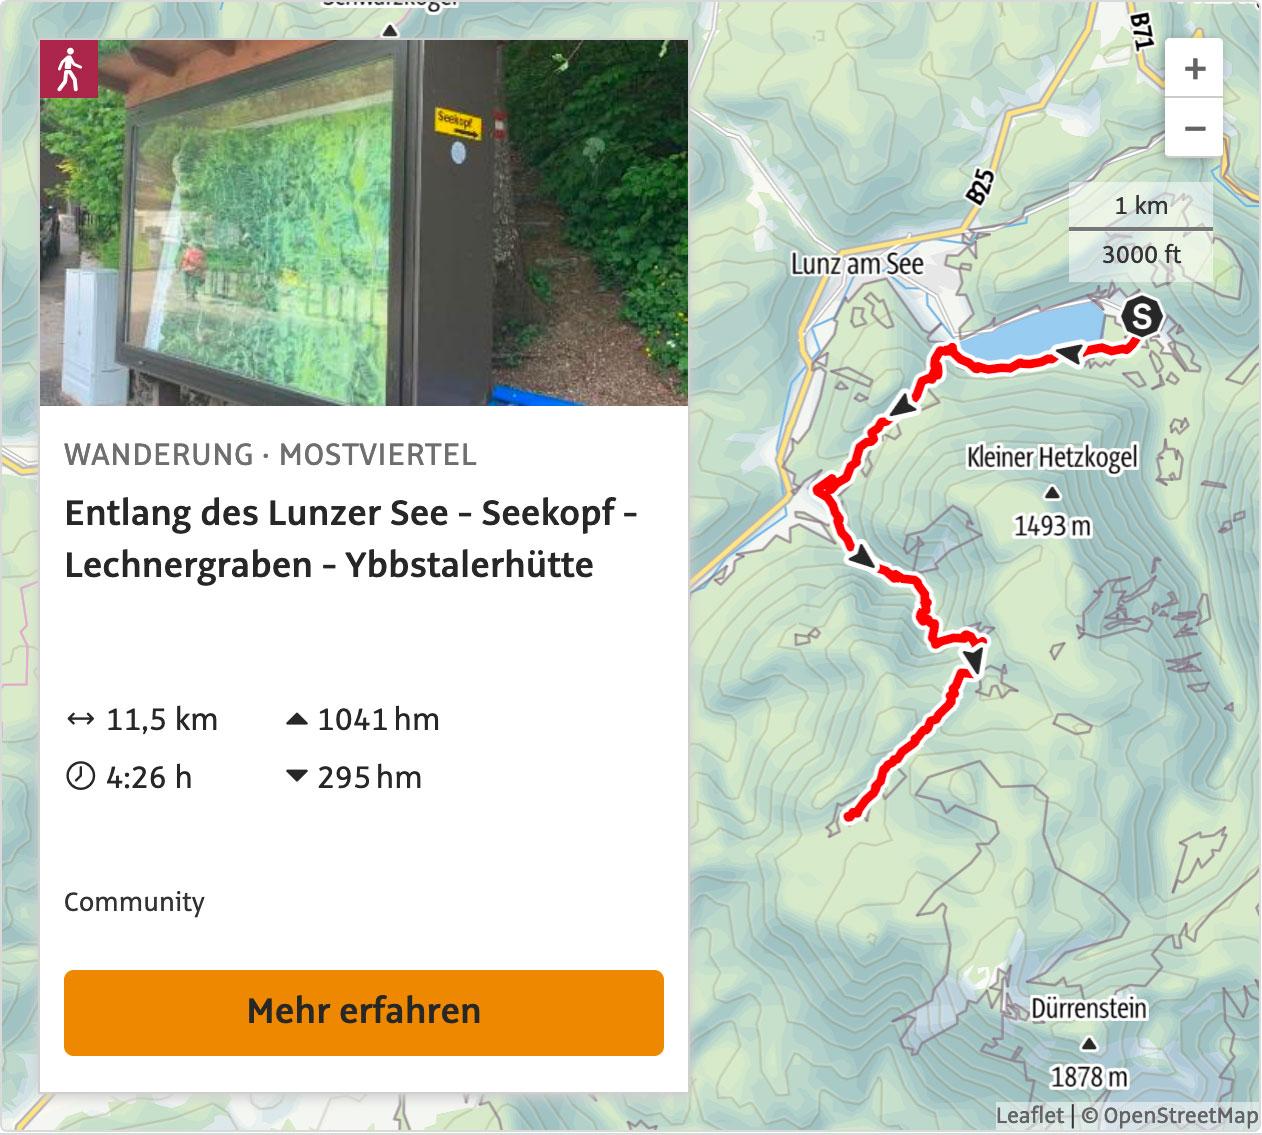 Zustieg Ybbstalerhütte: Lunzer See, Seekopf, Lechnergraben